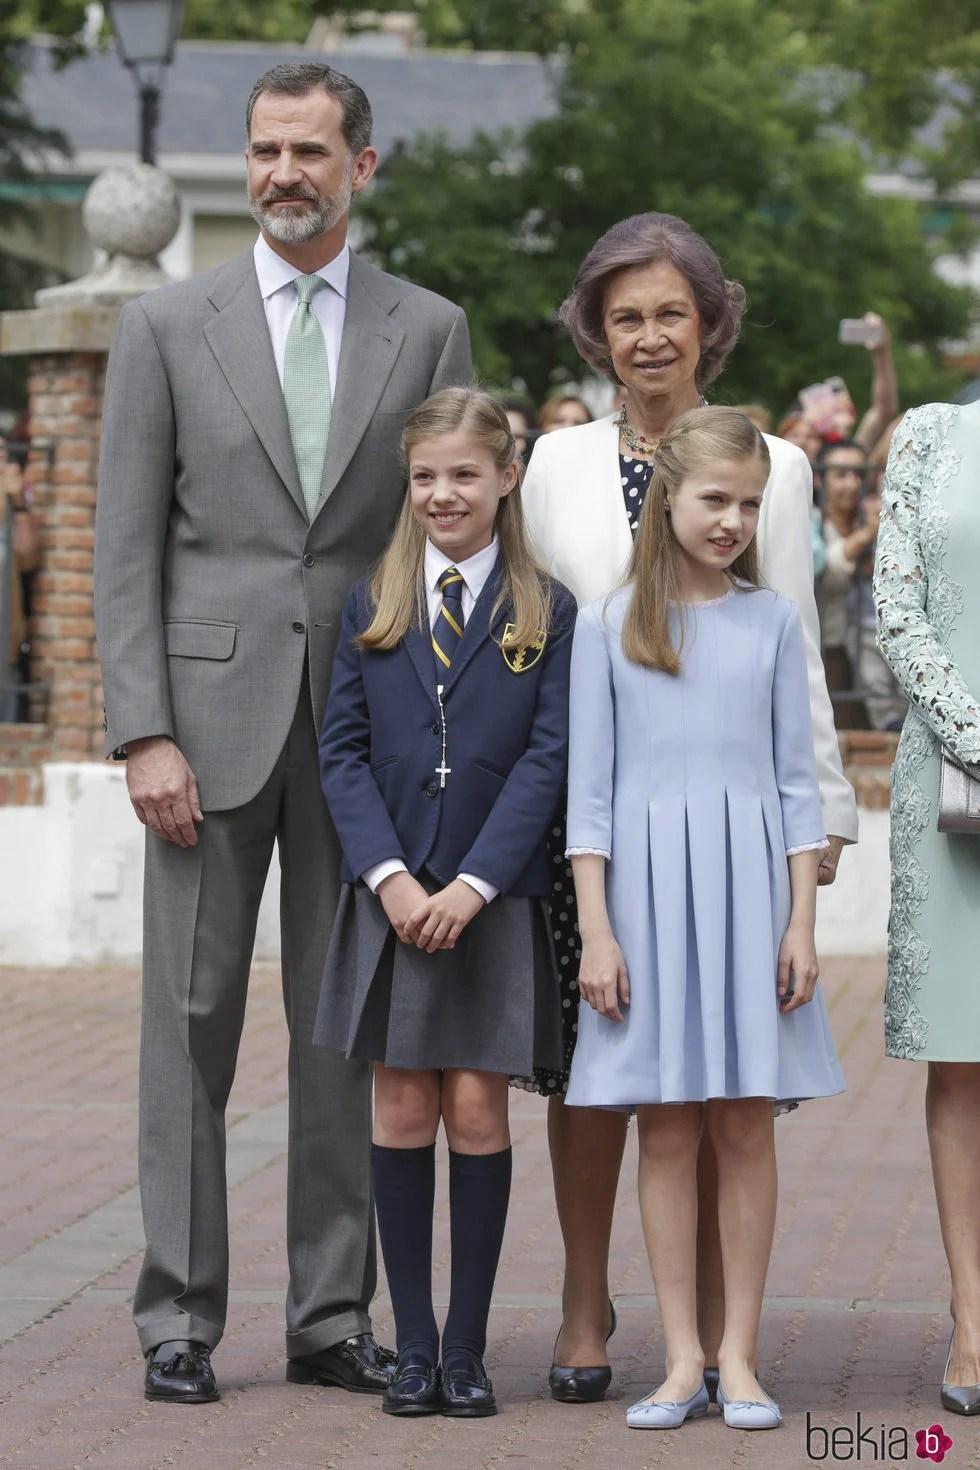 La Infanta Sofa con el Rey Felipe la Princesa Leonor y